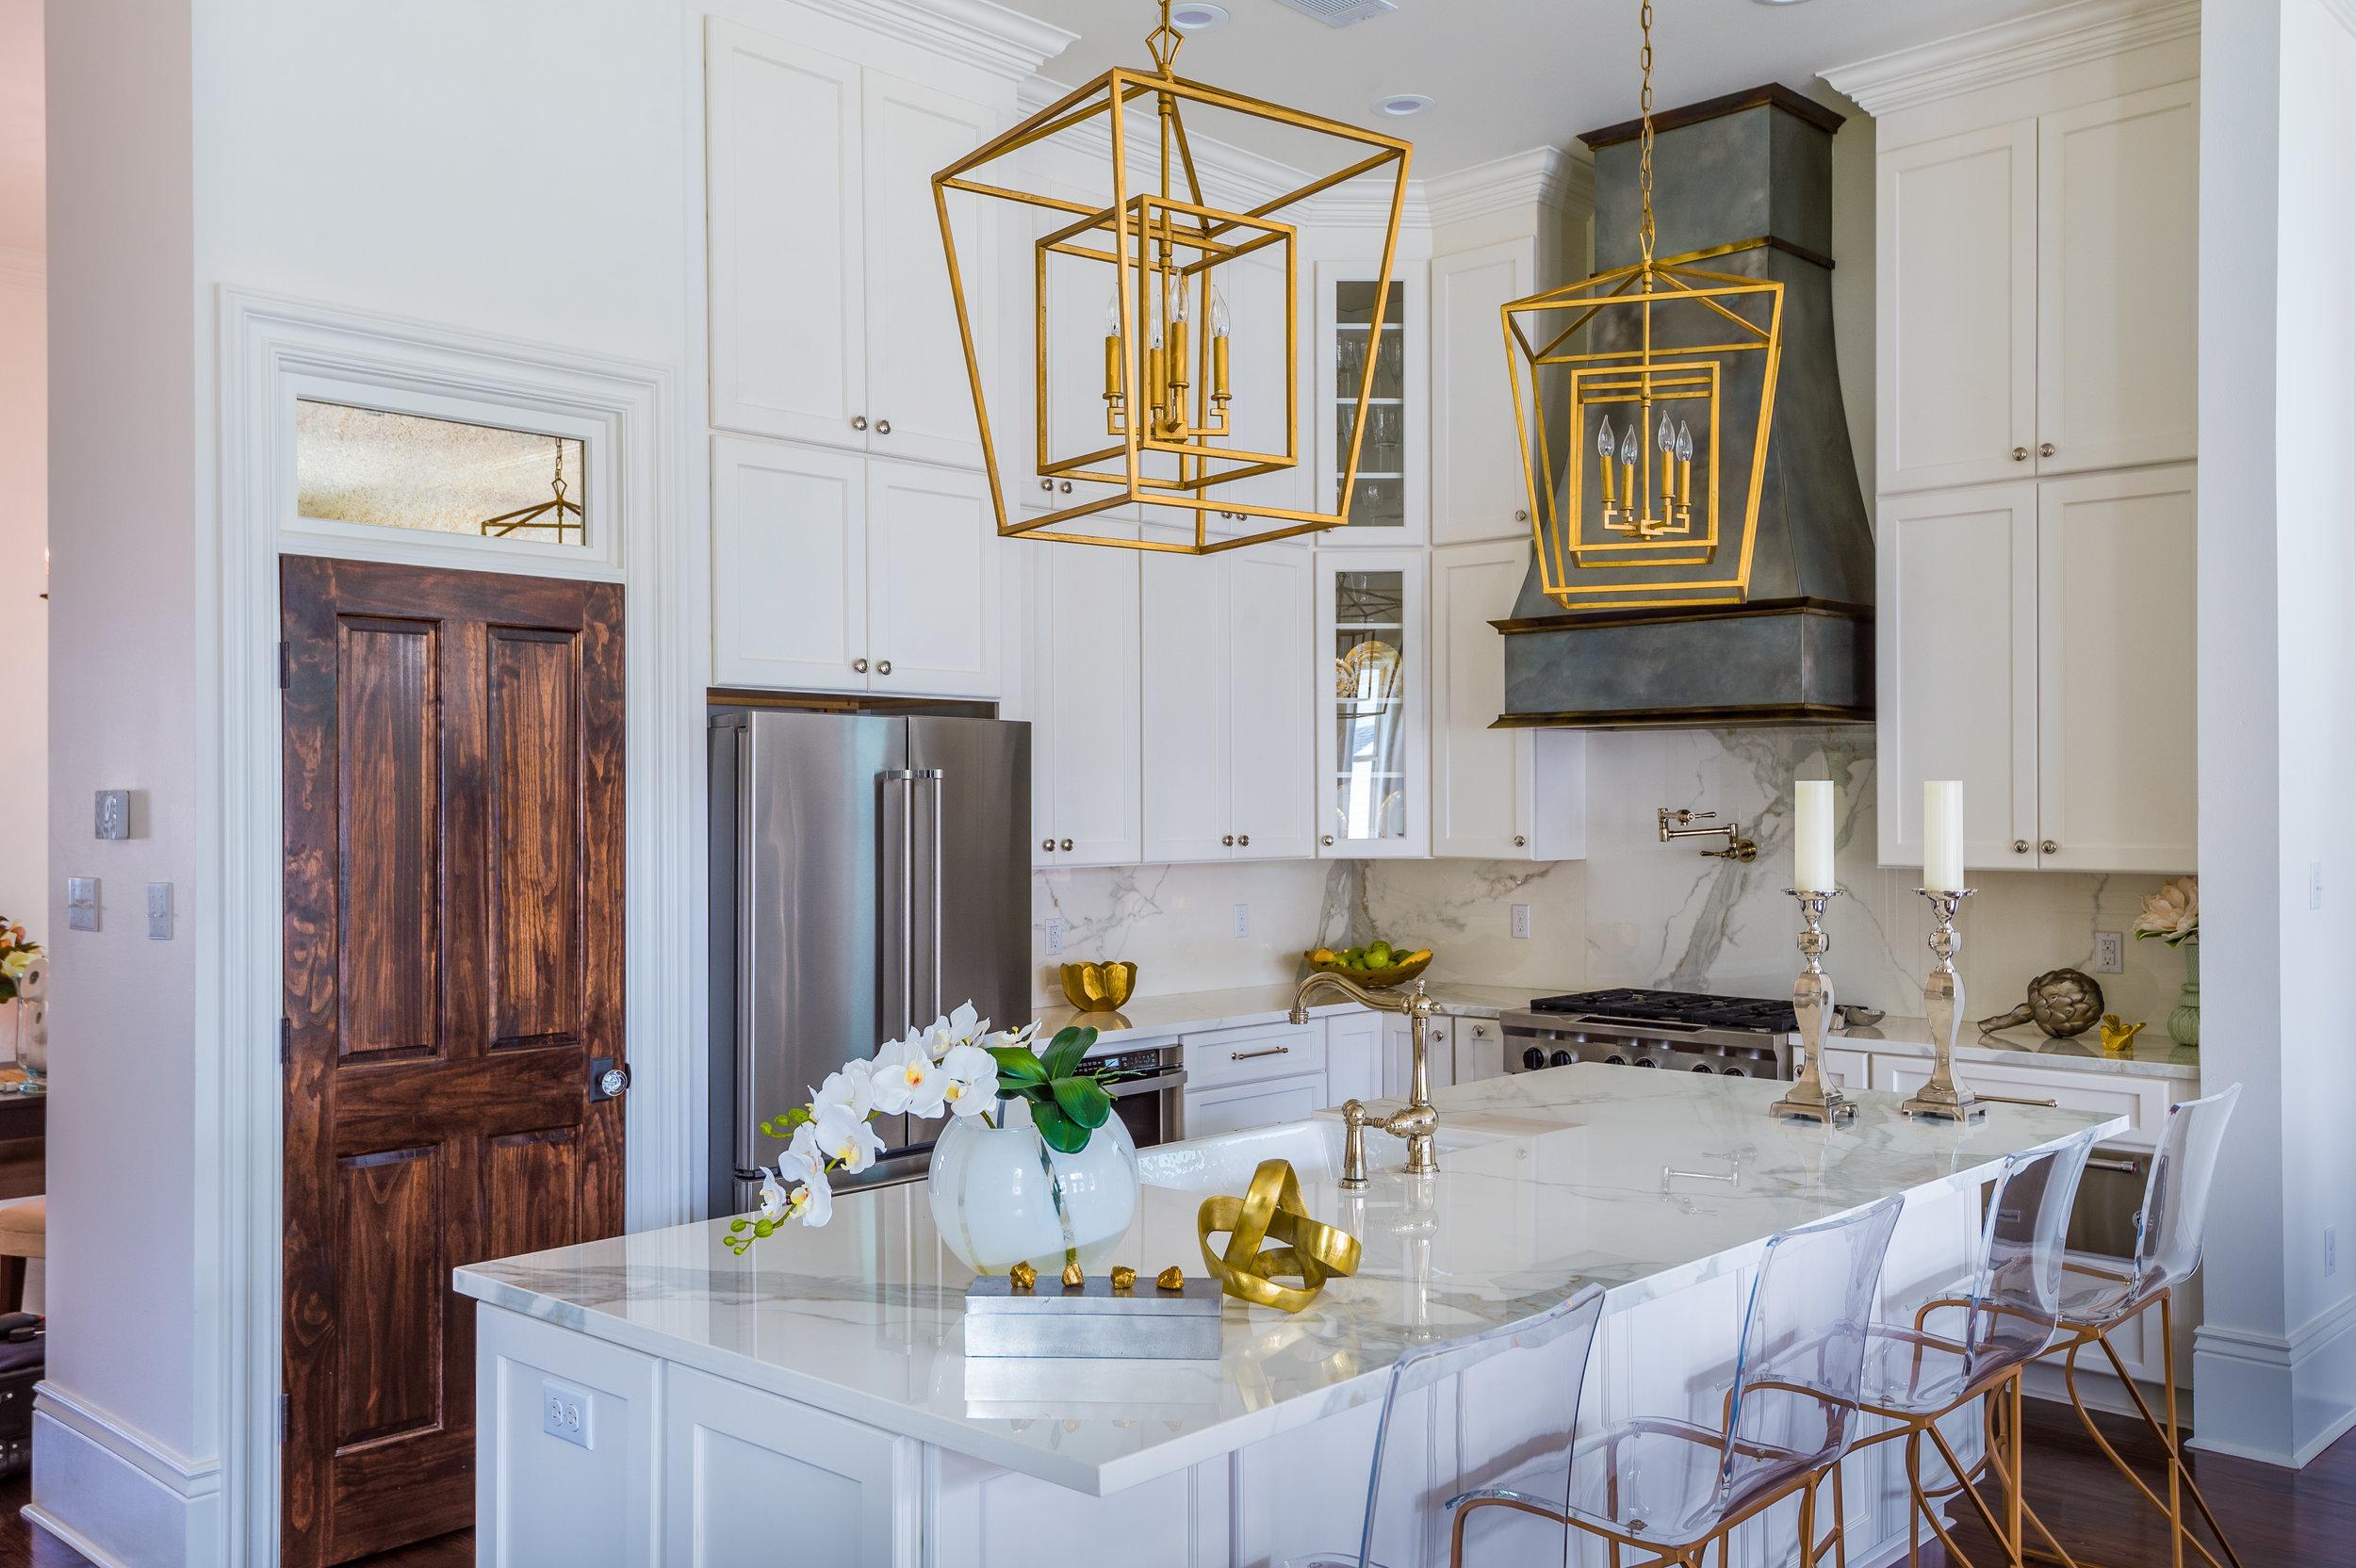 khb interiors lakeview new orleans interior decorator river ridge interior design metairie interior decorator